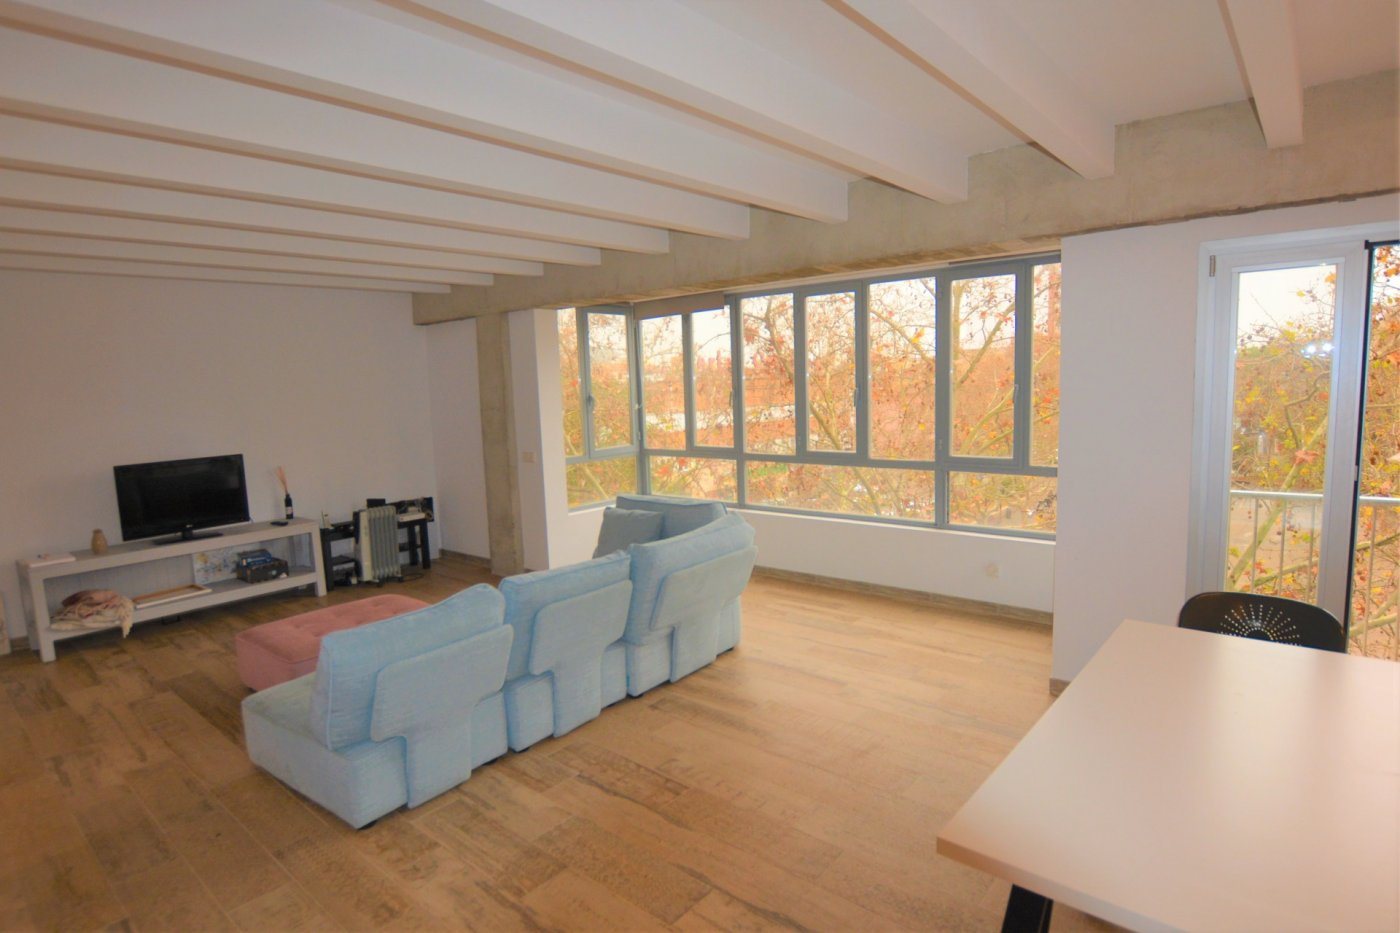 Increíble piso recientemente reformado. - imagenInmueble12